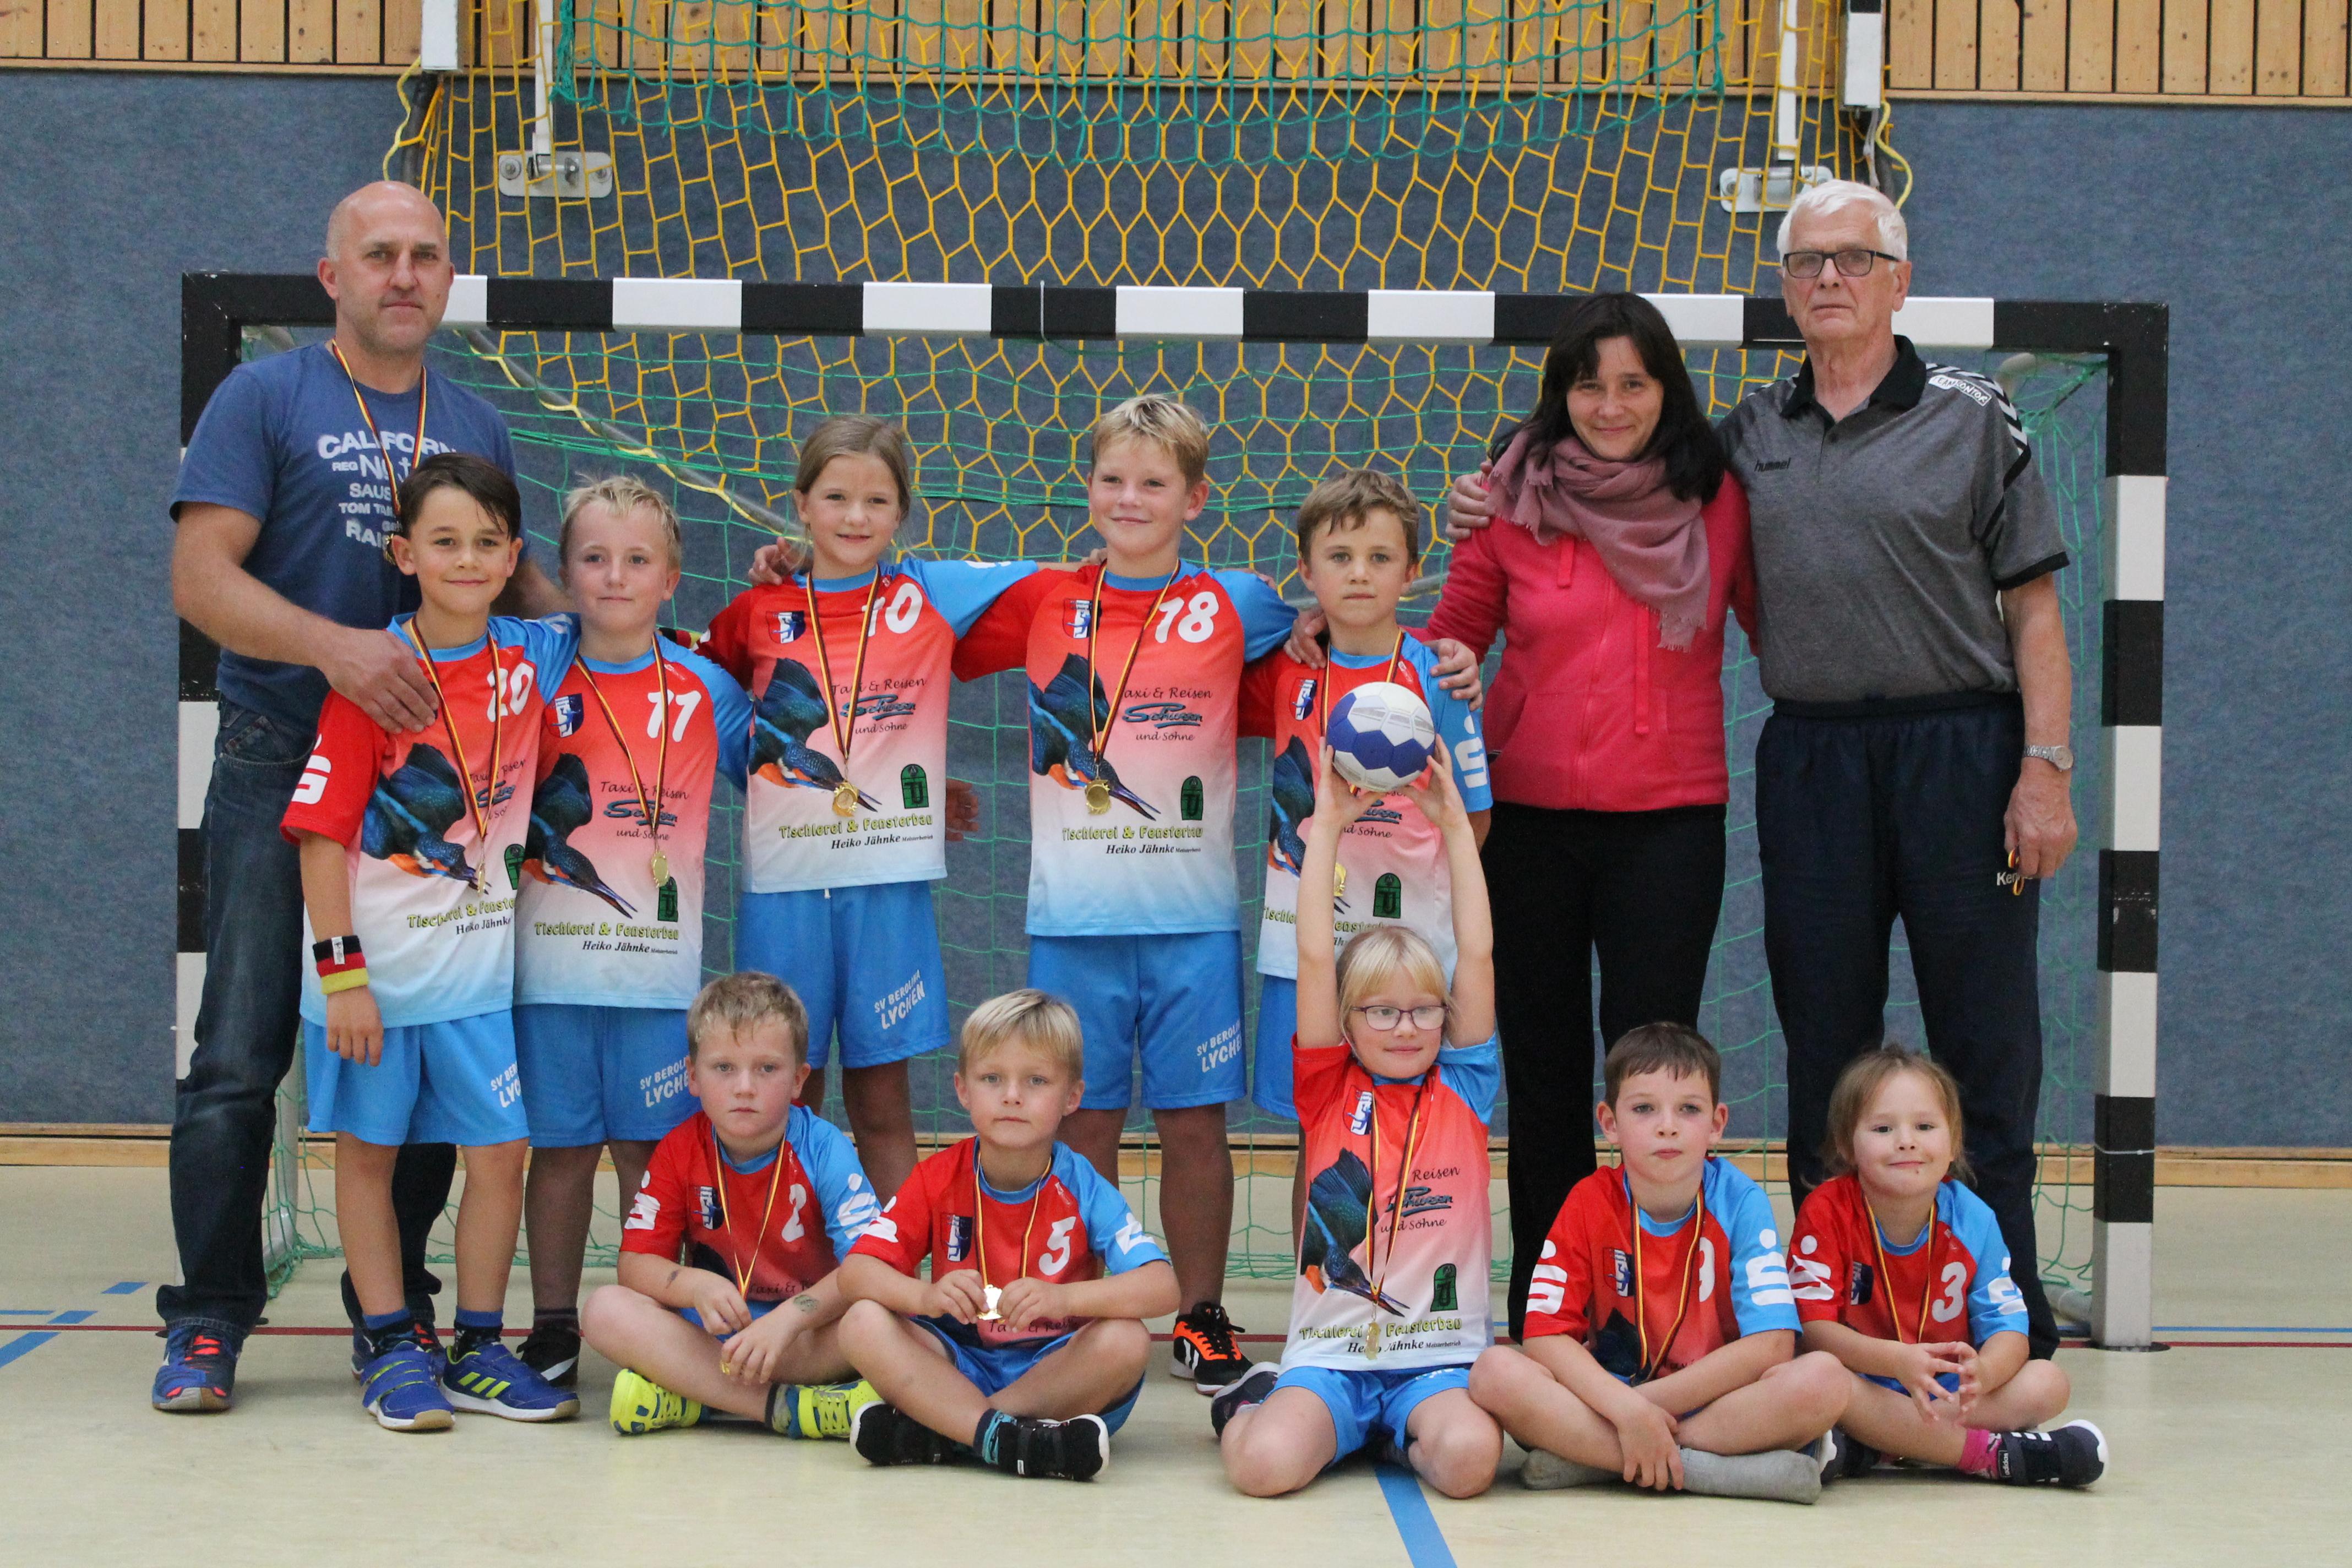 Berolinas Jüngste mit Turniersieg